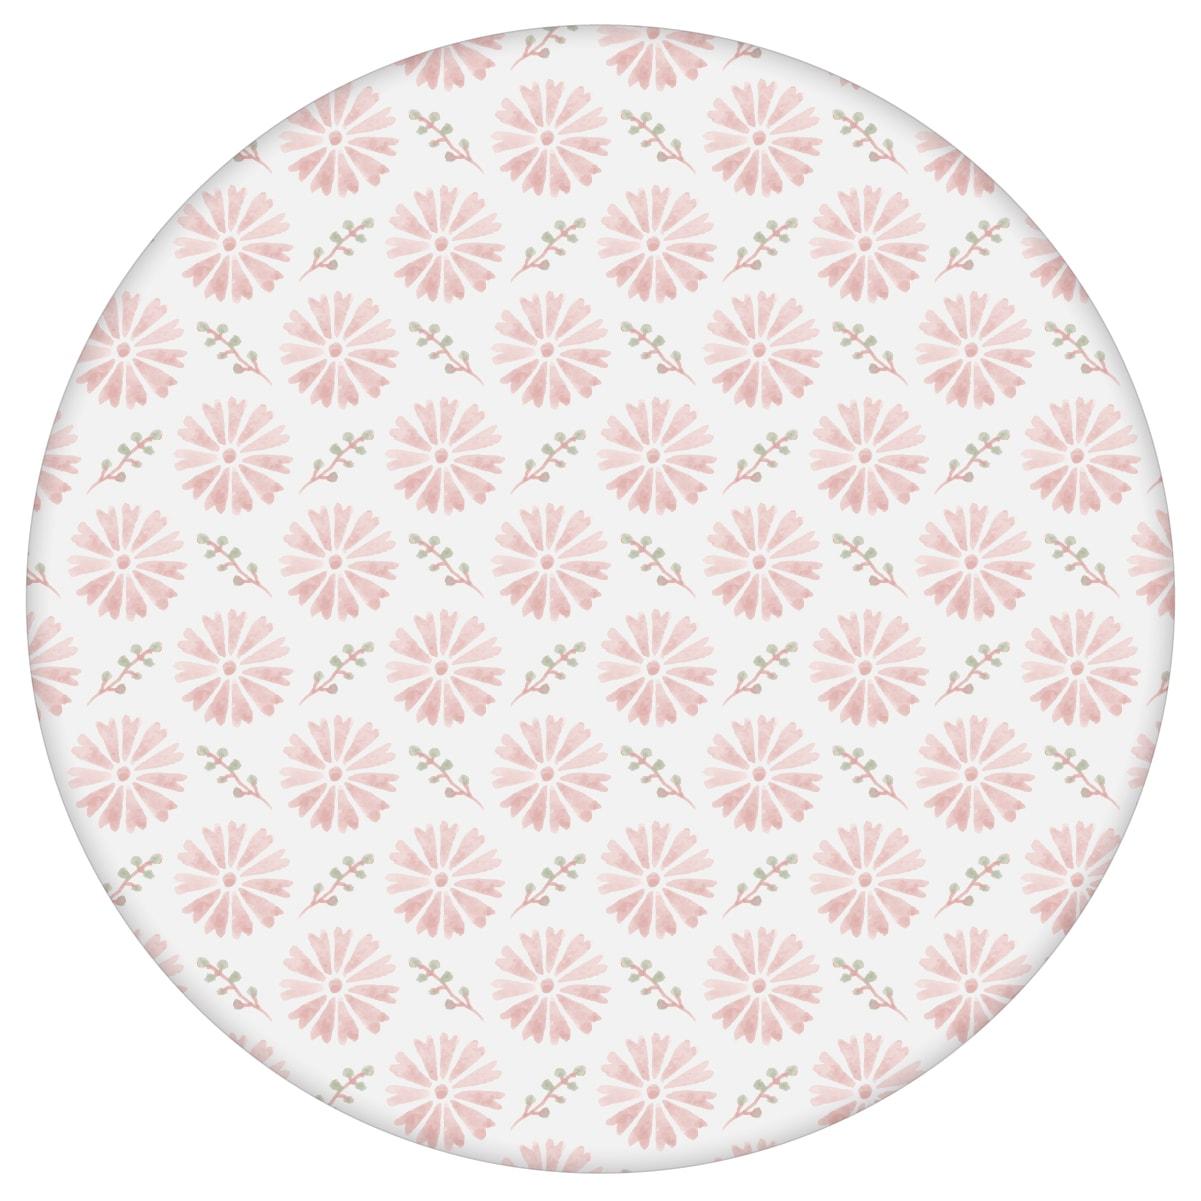 """Klassisch rosa Tapete """"Blümchen Glück"""" mit Aquarell Look, Vlies-Tapete für Wohnzimmer aus den Tapeten Neuheiten Blumentapeten und Borten als Naturaltouch Luxus Vliestapete oder Basic Vliestapete"""